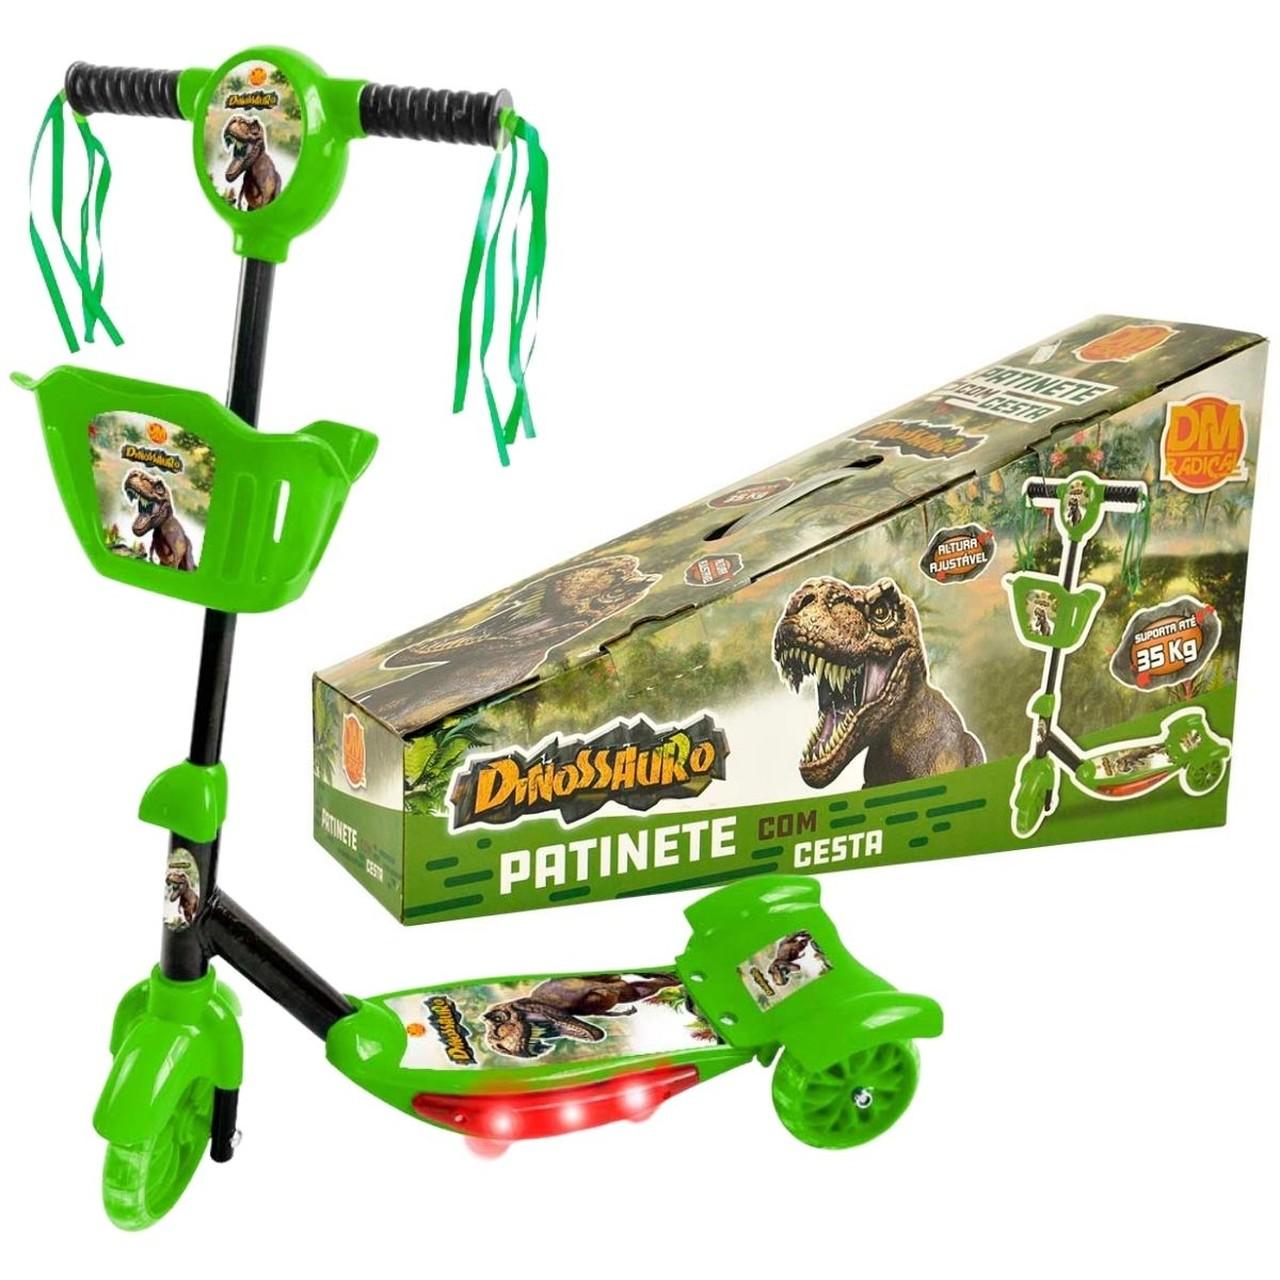 Patinete Verde com Cesta - Dinossauro - DMTOYS